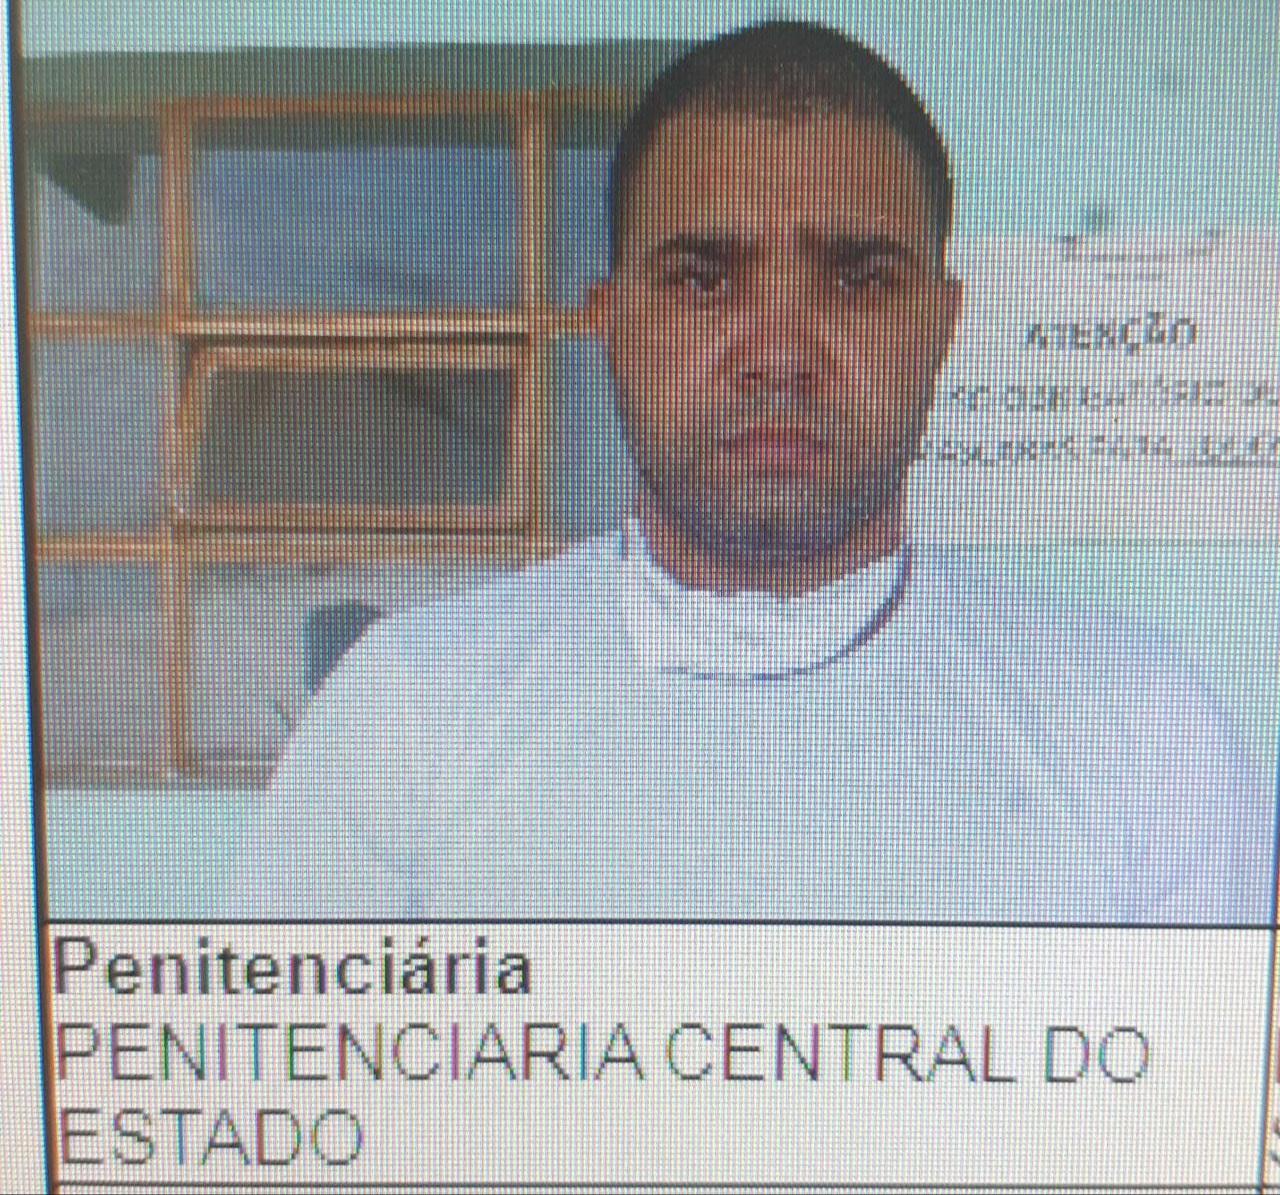 Imagem: inocente preso Inocente fica preso 82 dias por ter nome usado por criminoso condenado